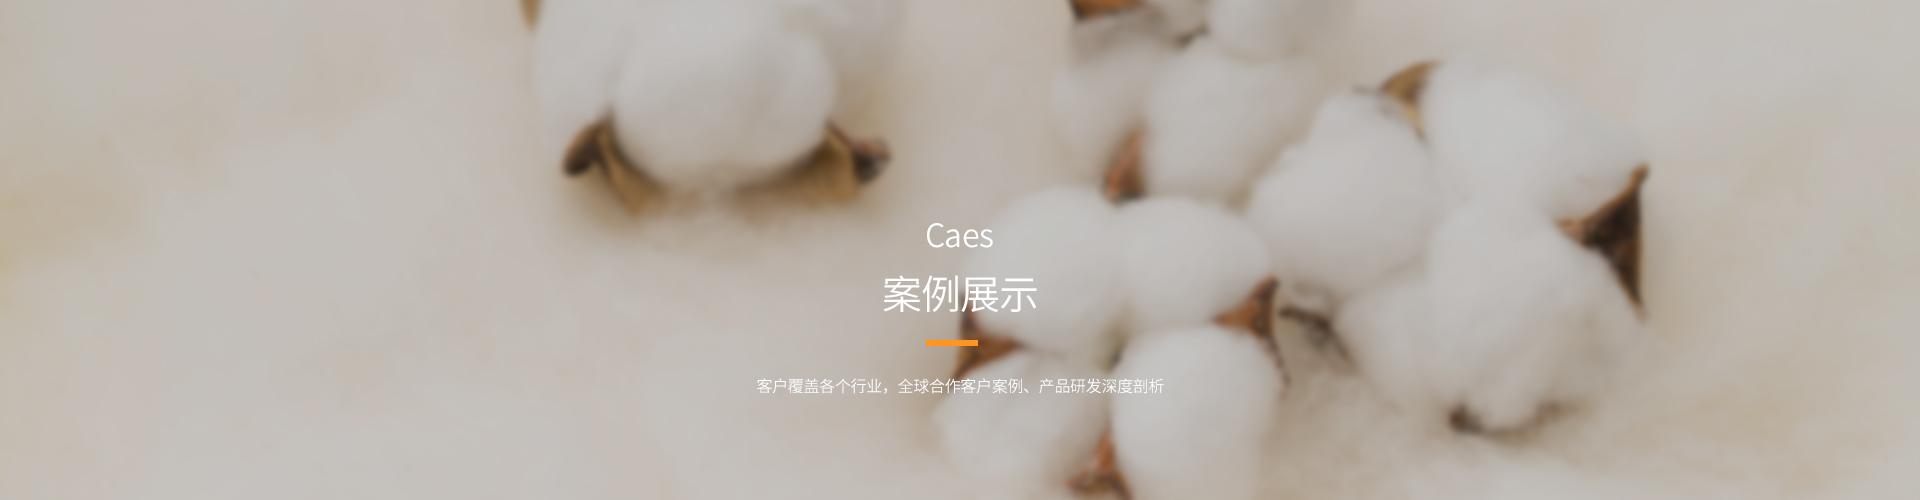 棉柔巾批发